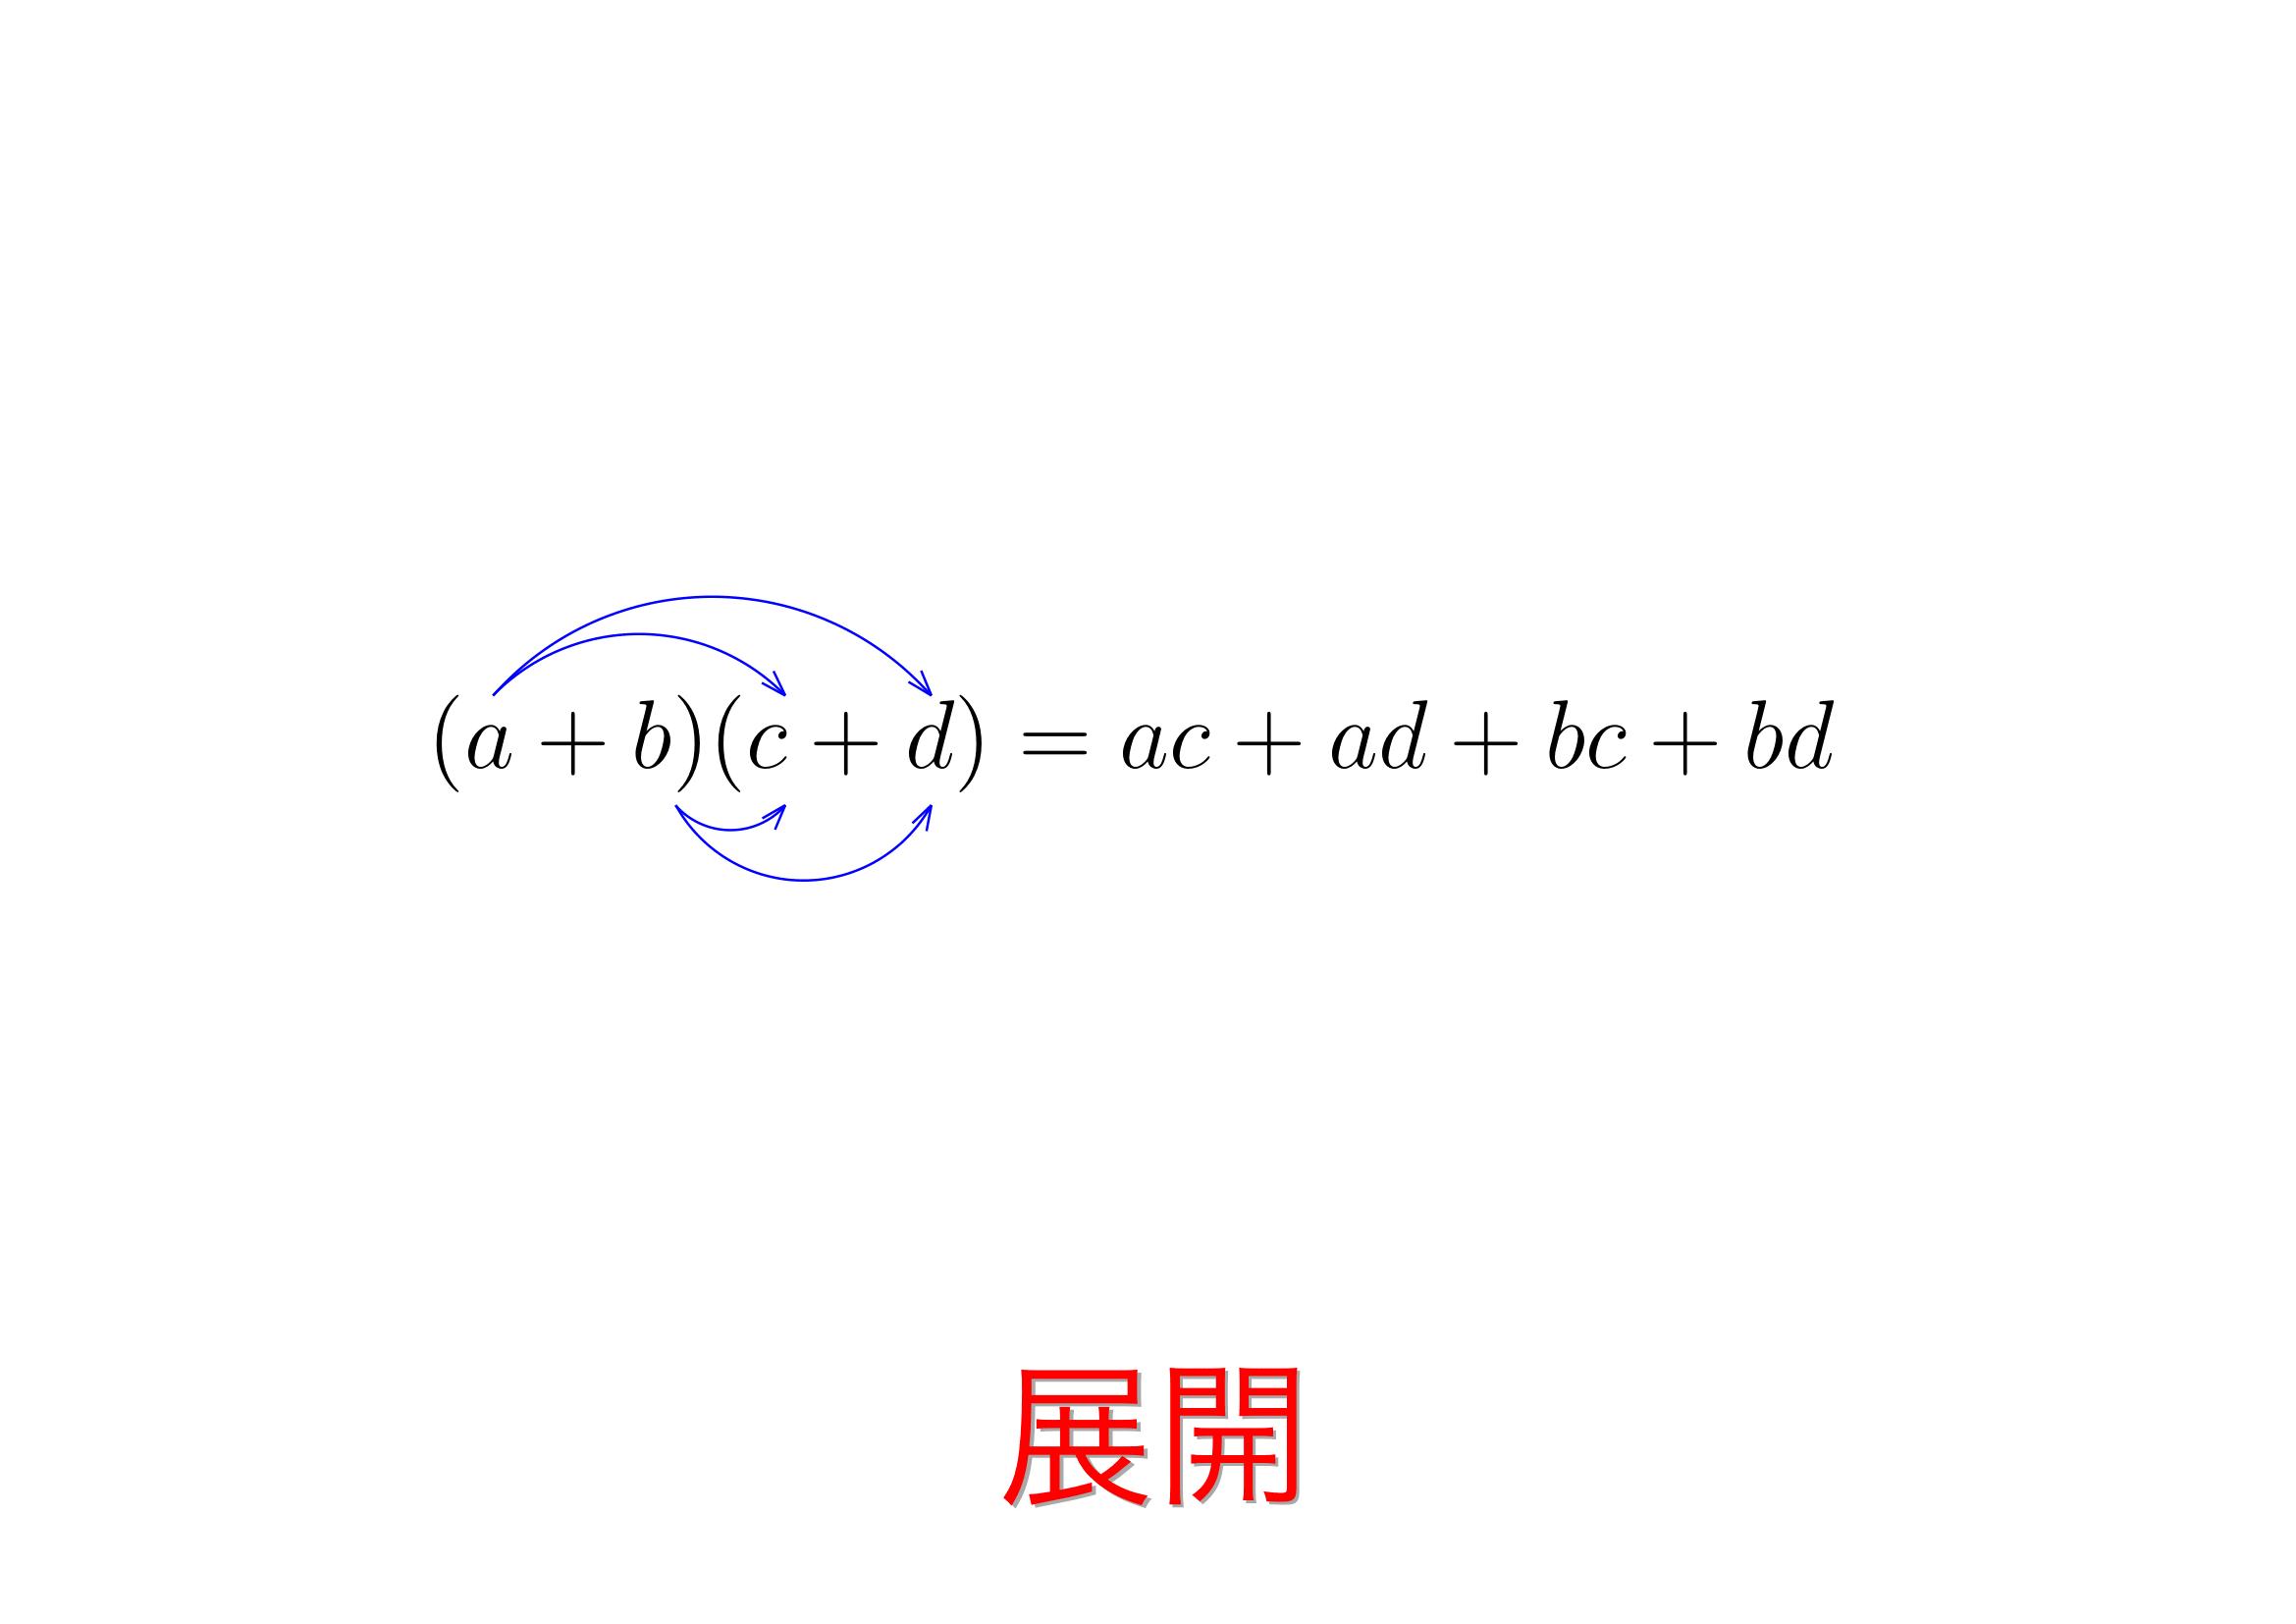 展開公式と主な出題パターンと解き方 | おいしい数学